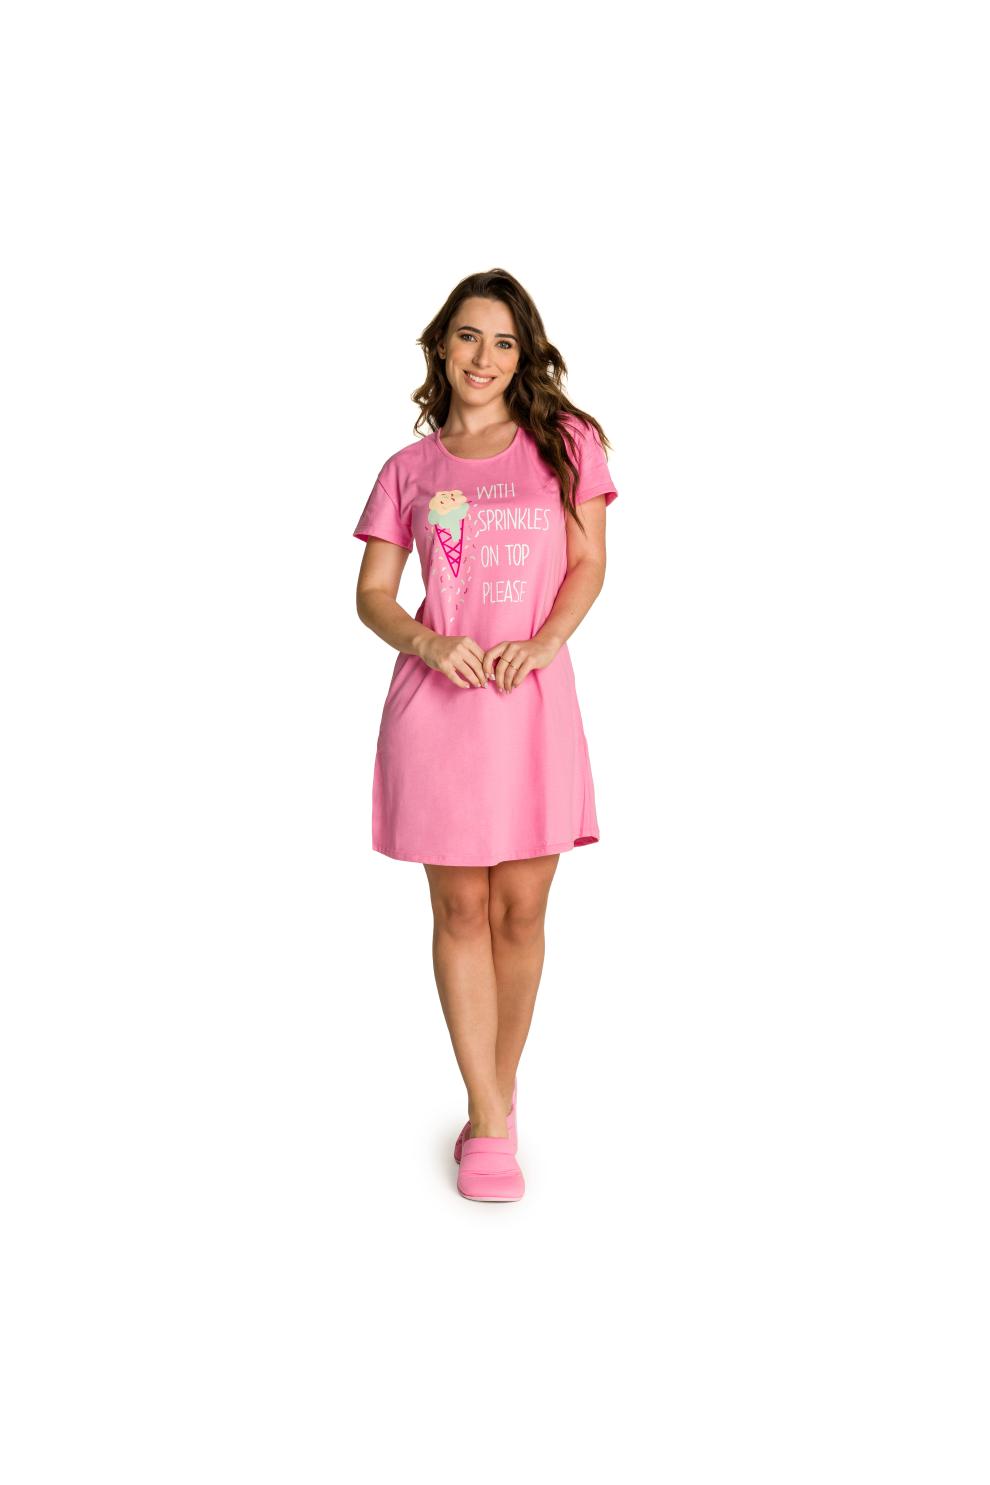 009/E - Camisola Adulto Feminino Sorvete com Granulado